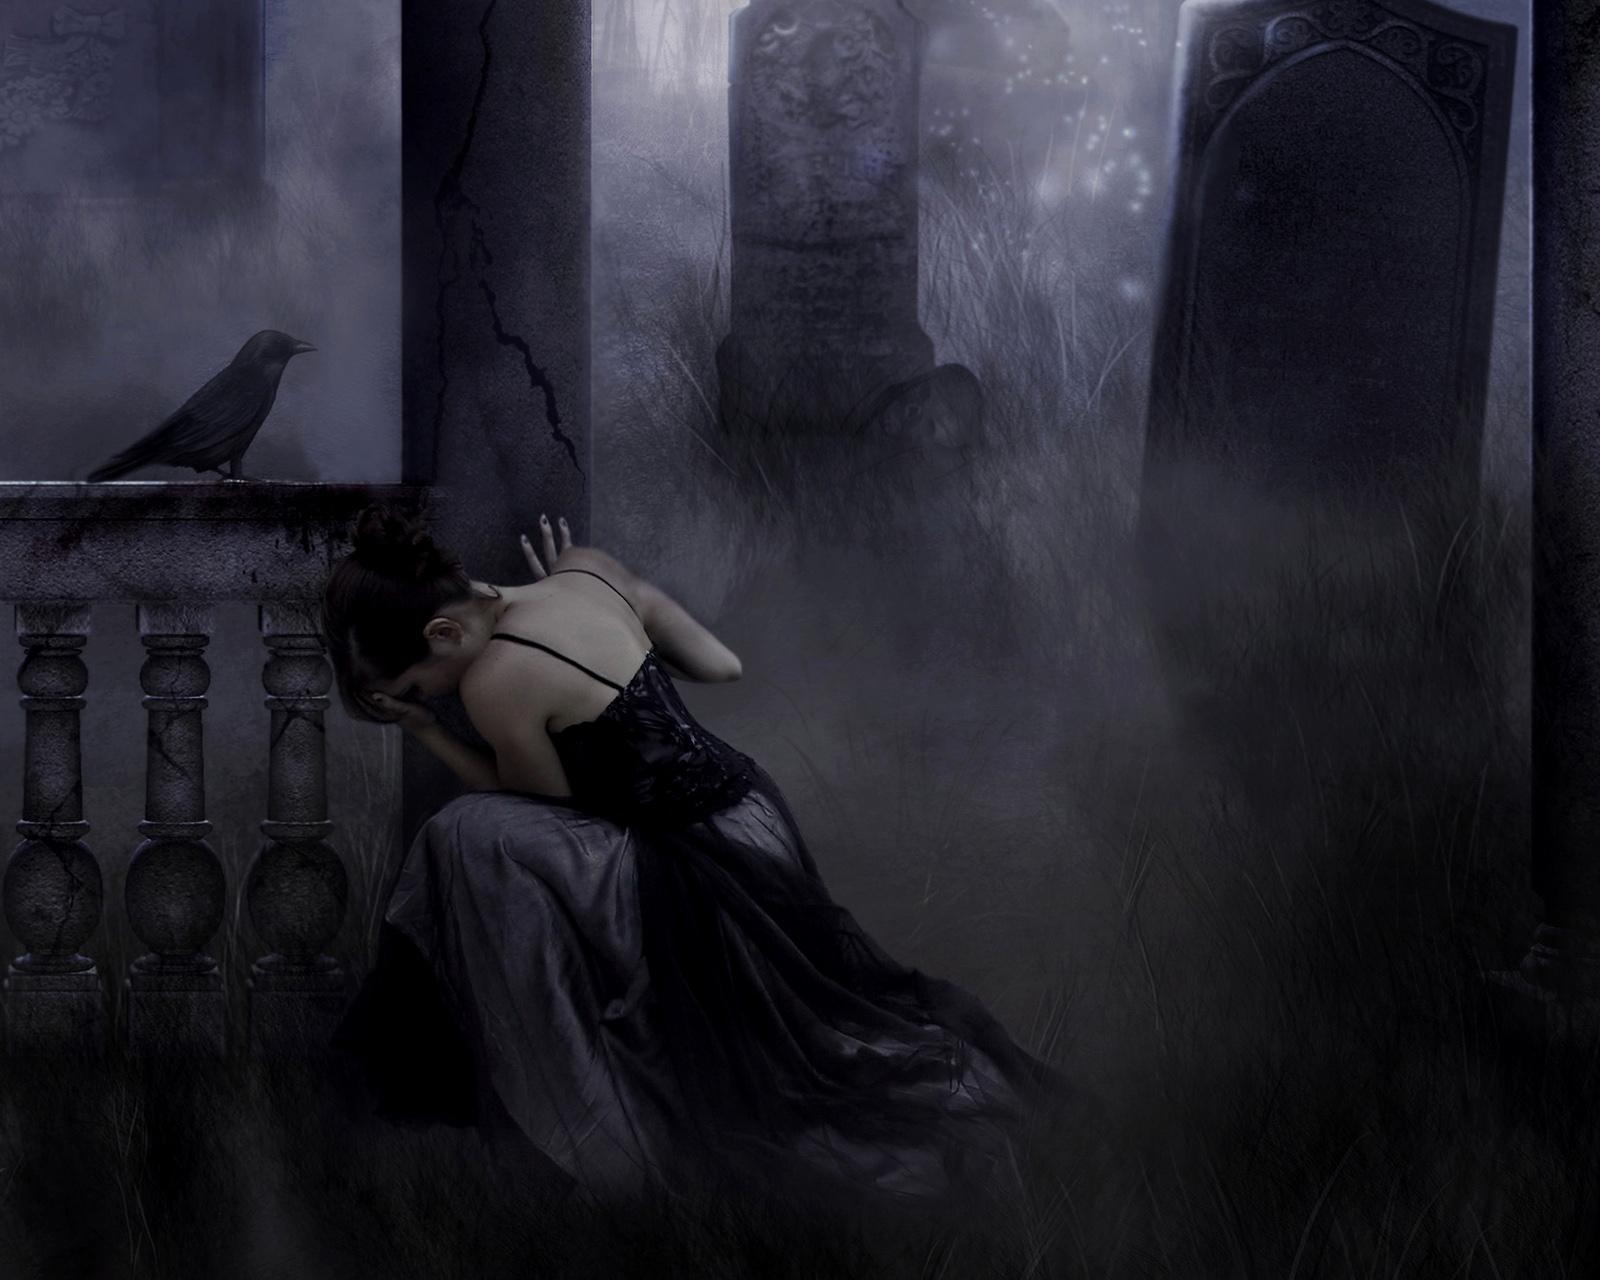 gothic midevil dark - photo #17